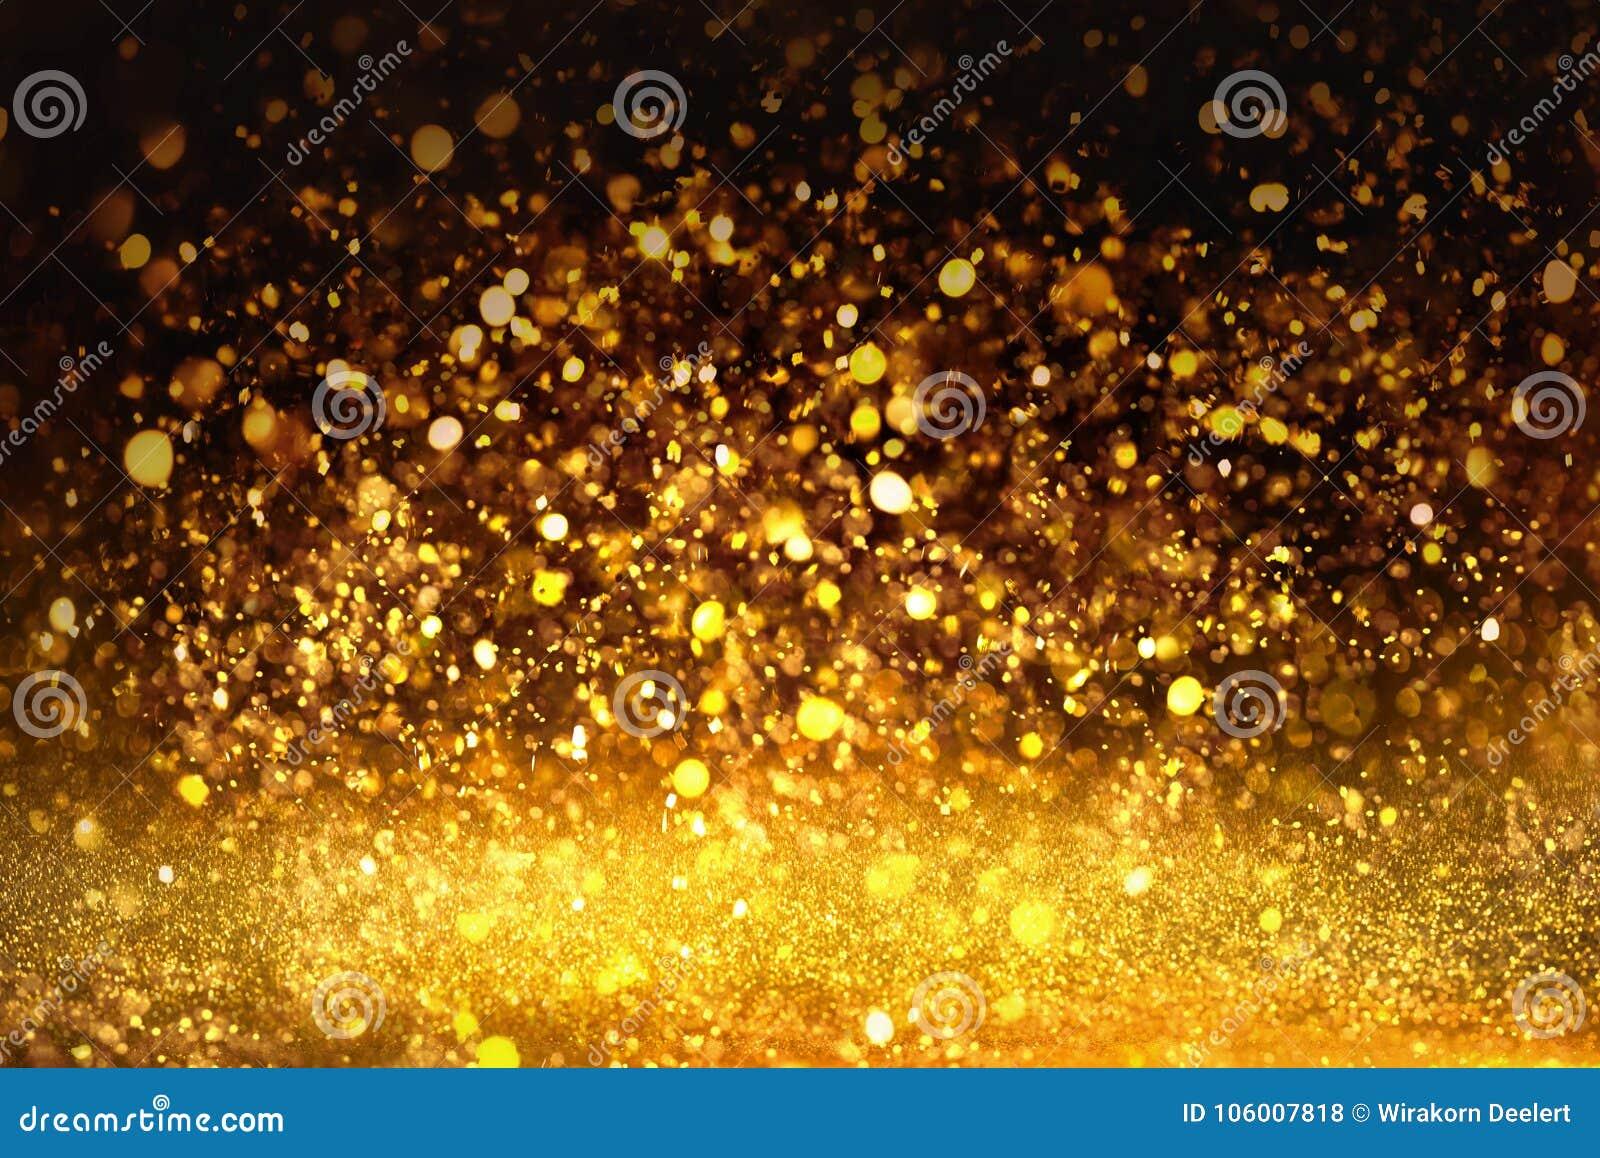 Goldene Funkelnbeschaffenheit Colorfull verwischte abstrakten Hintergrund für Geburtstag, Jahrestag, Hochzeit, Sylvesterabend ode